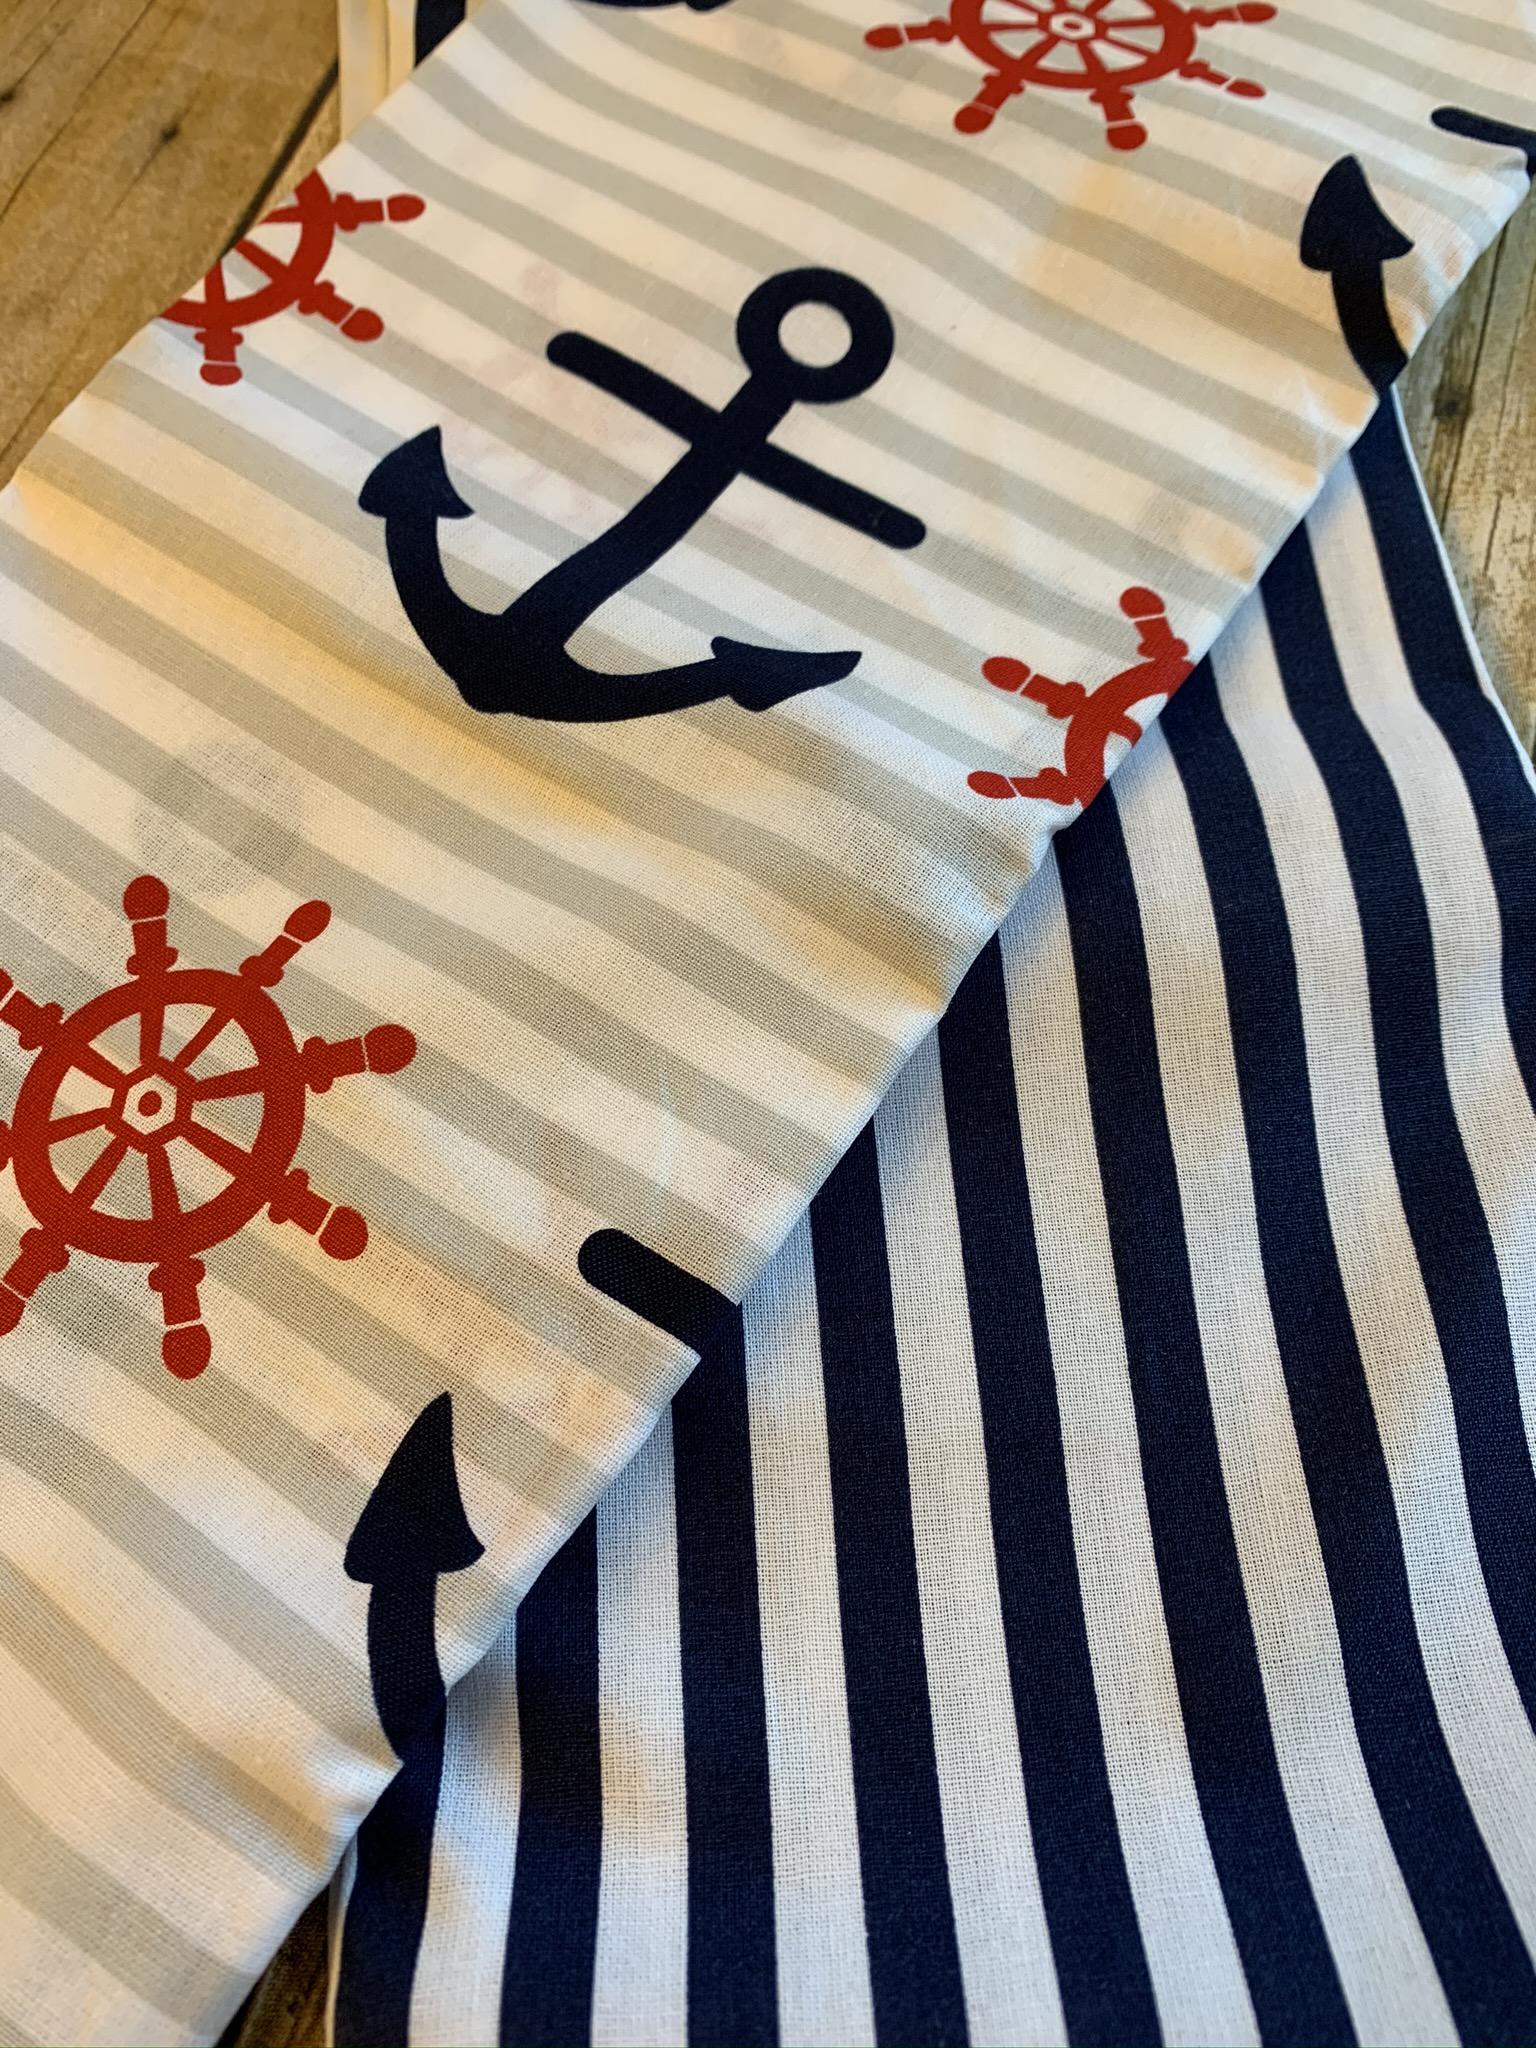 A-Hoy Matey & Blue Stripe